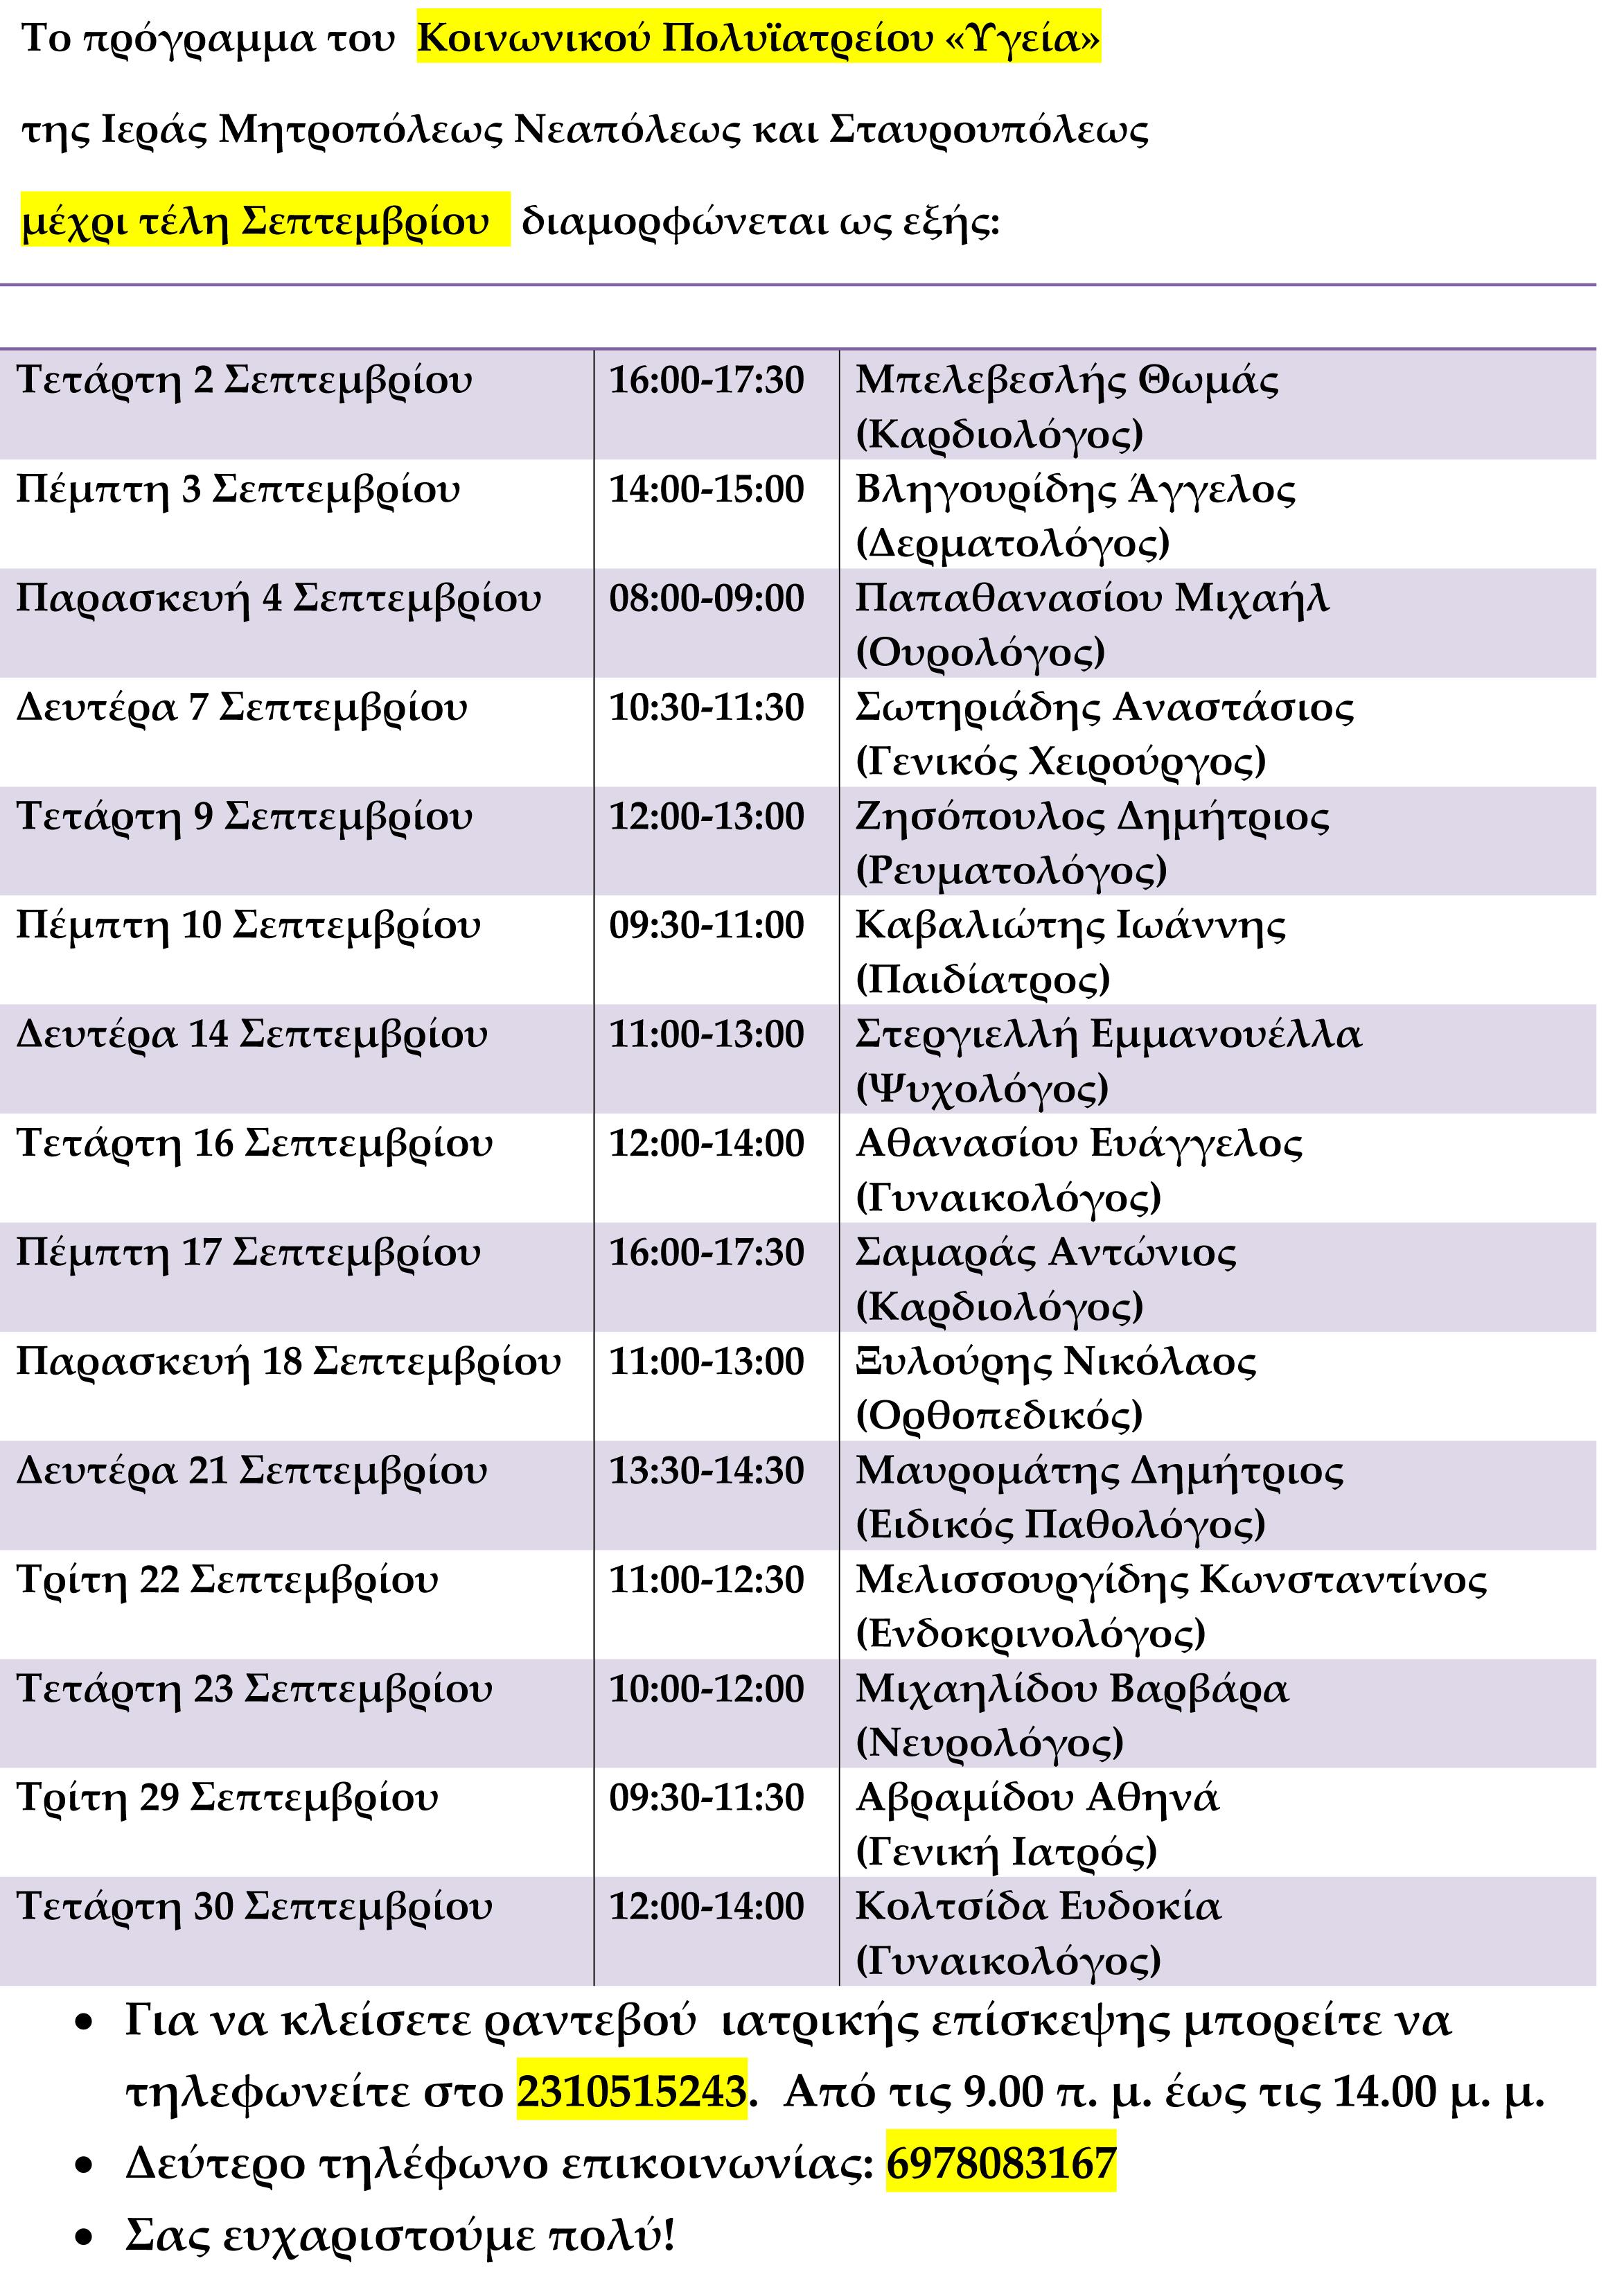 Πρόγραμμα Σεπτεμβρίου 2015(1)